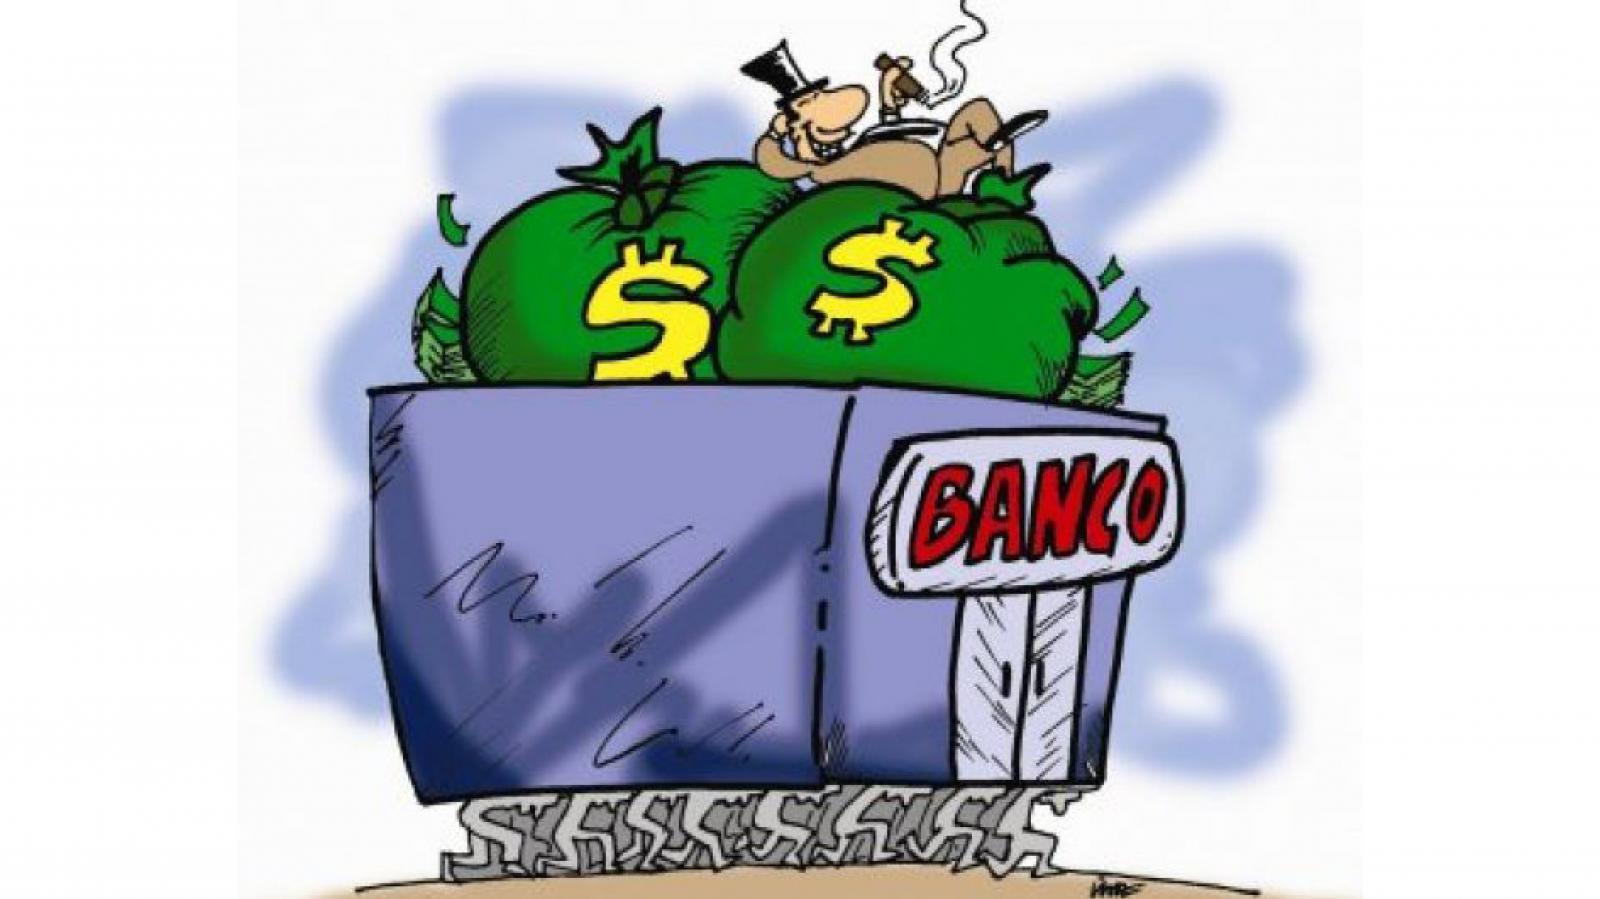 Os 5 maiores bancos do país lucraram mais de R$ 65 bi até o 3º trimestre